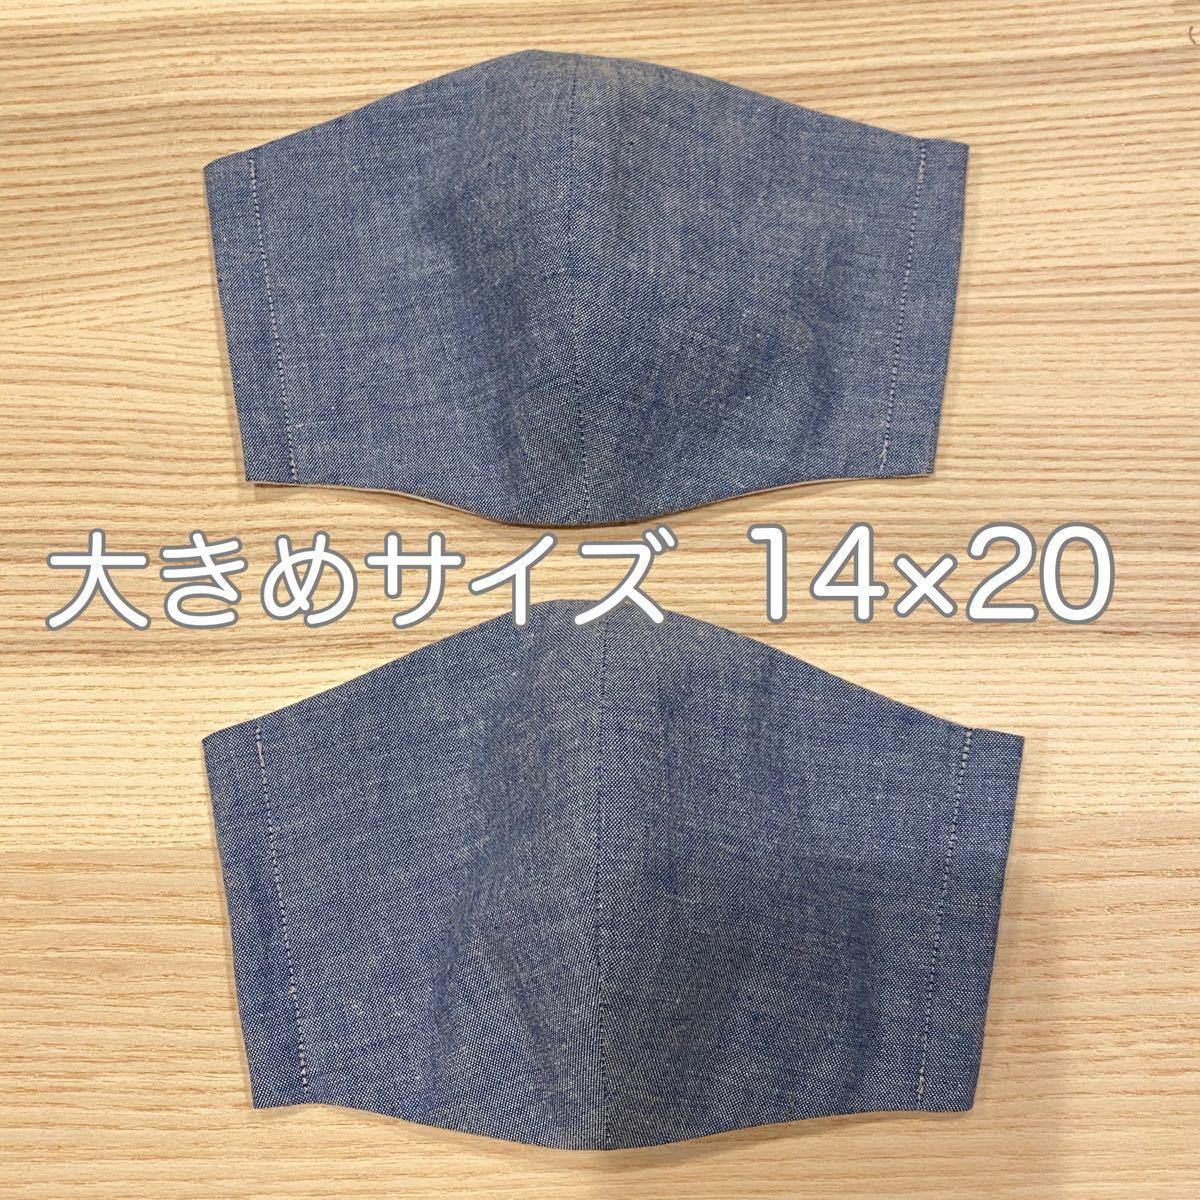 ハンドメイド 立体型インナー 大きめサイズ ダンガリーコットン ネイビー 2枚セット シンプル ナチュラル 男性用サイズ ゴム付き